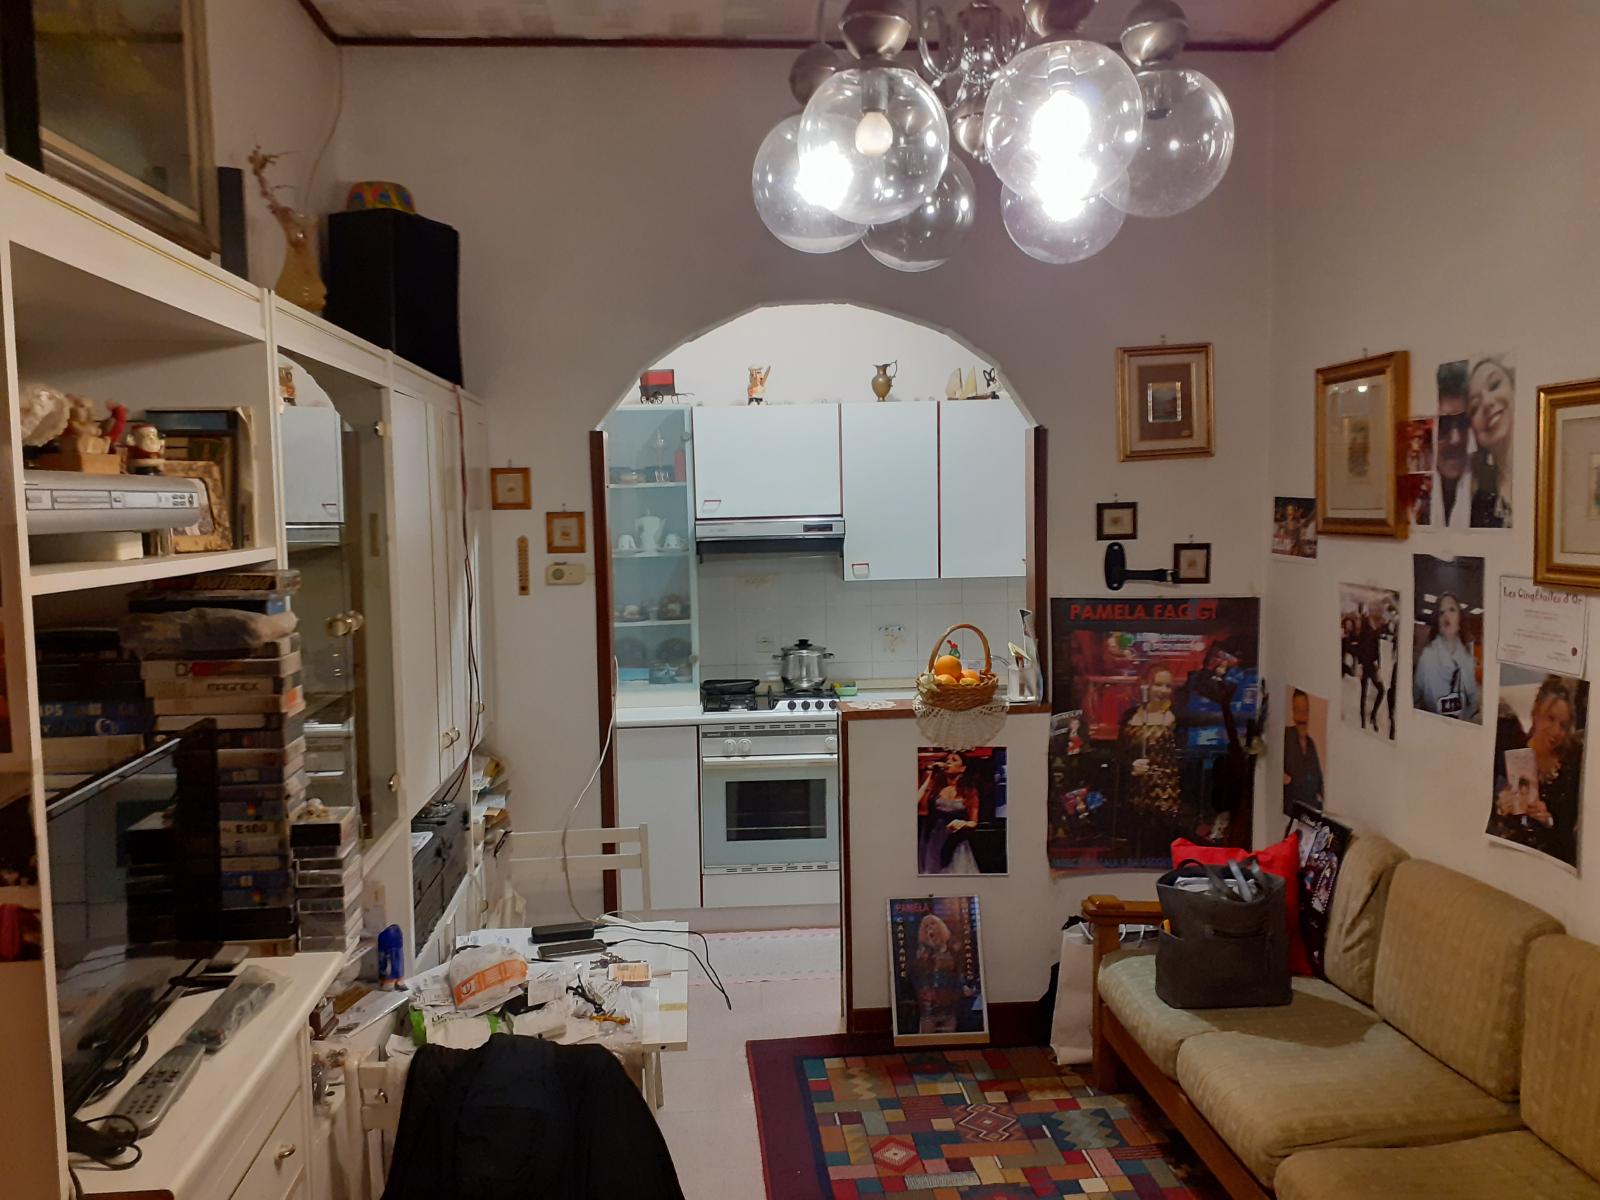 appartamento-in-vendita-a-baggio-milano-2-locali-bilocale-spaziourbano-immobiliare-vende-11